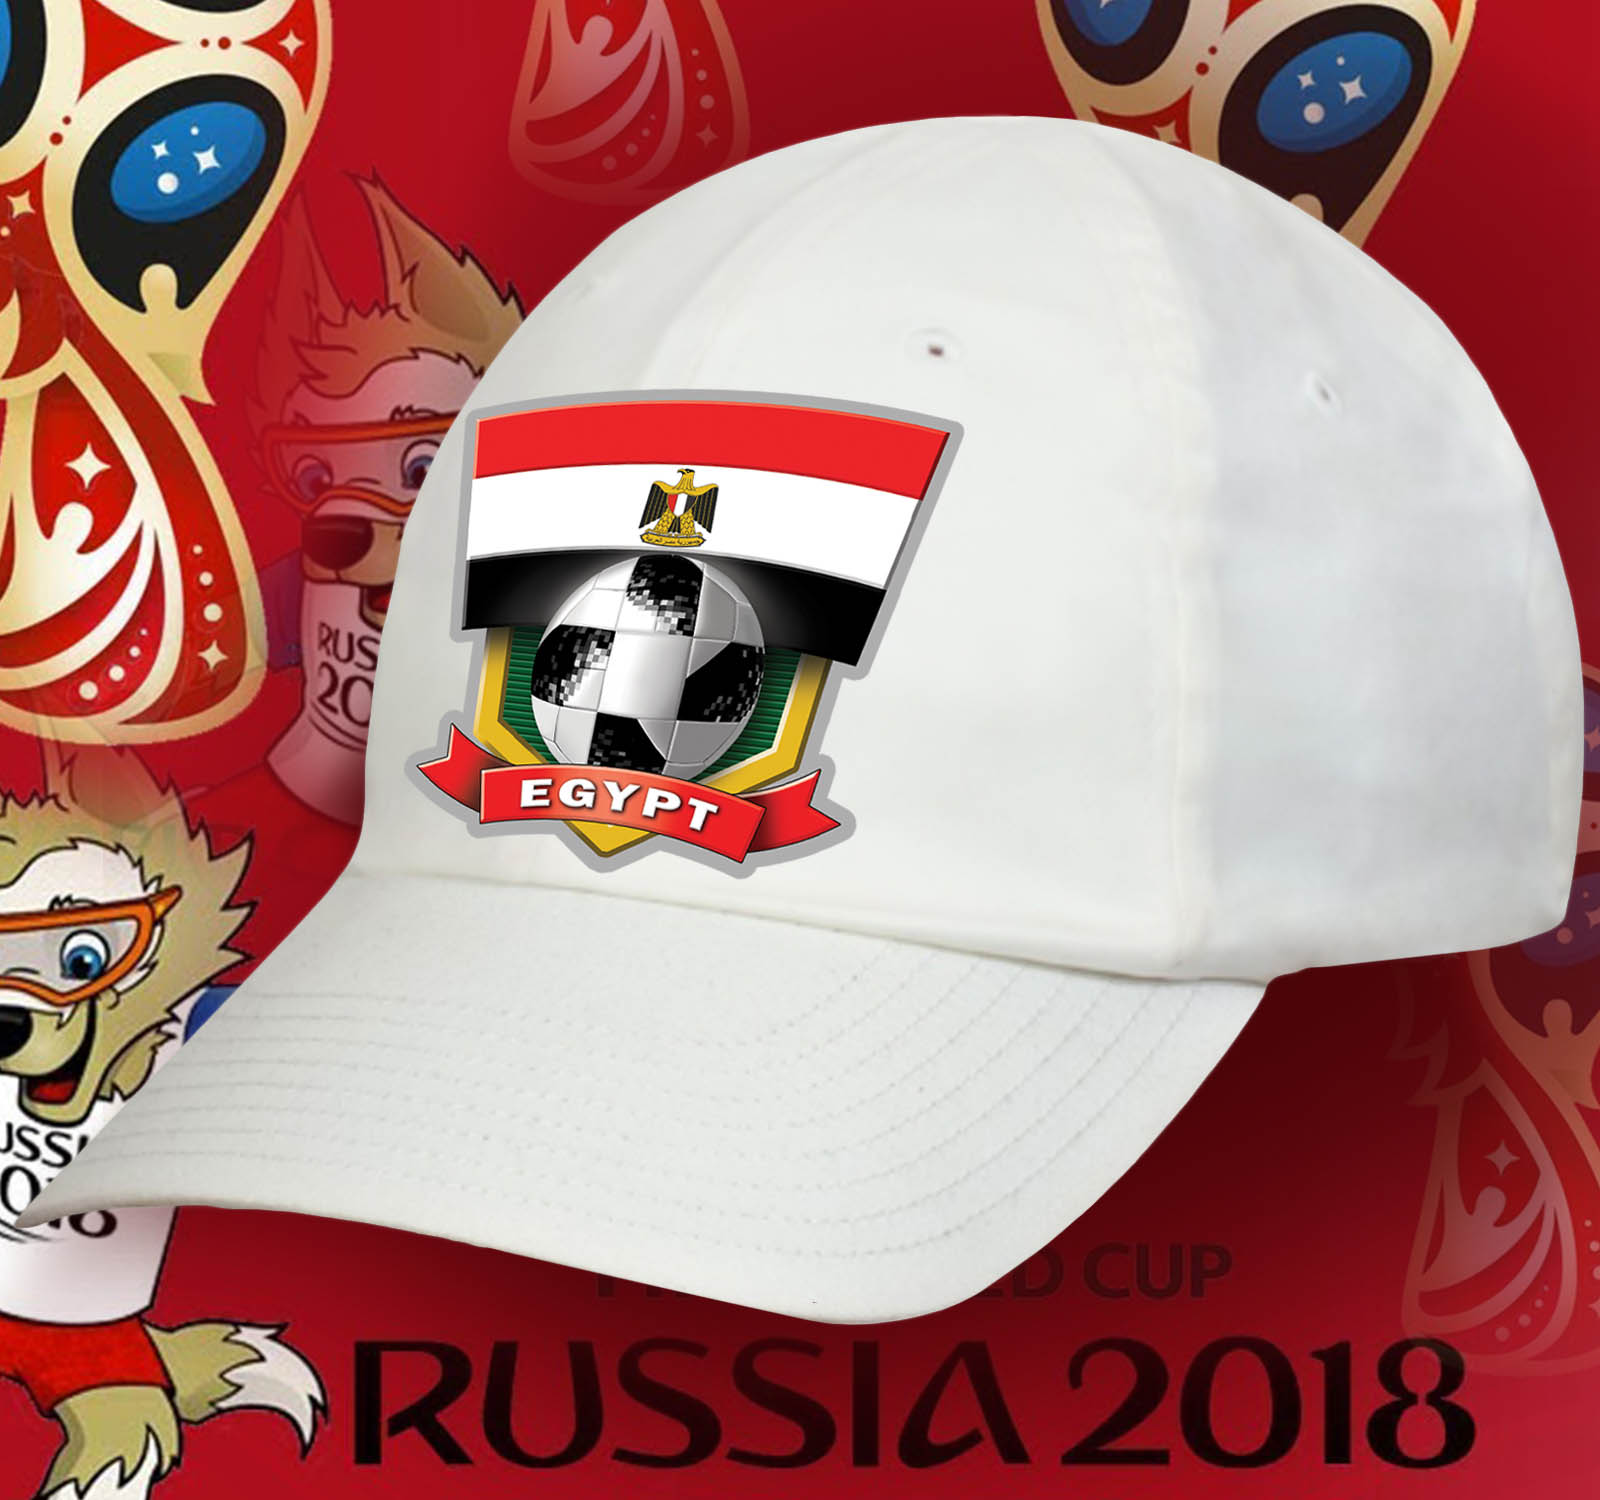 Лучшая фанатская бейсболка сборной Египта